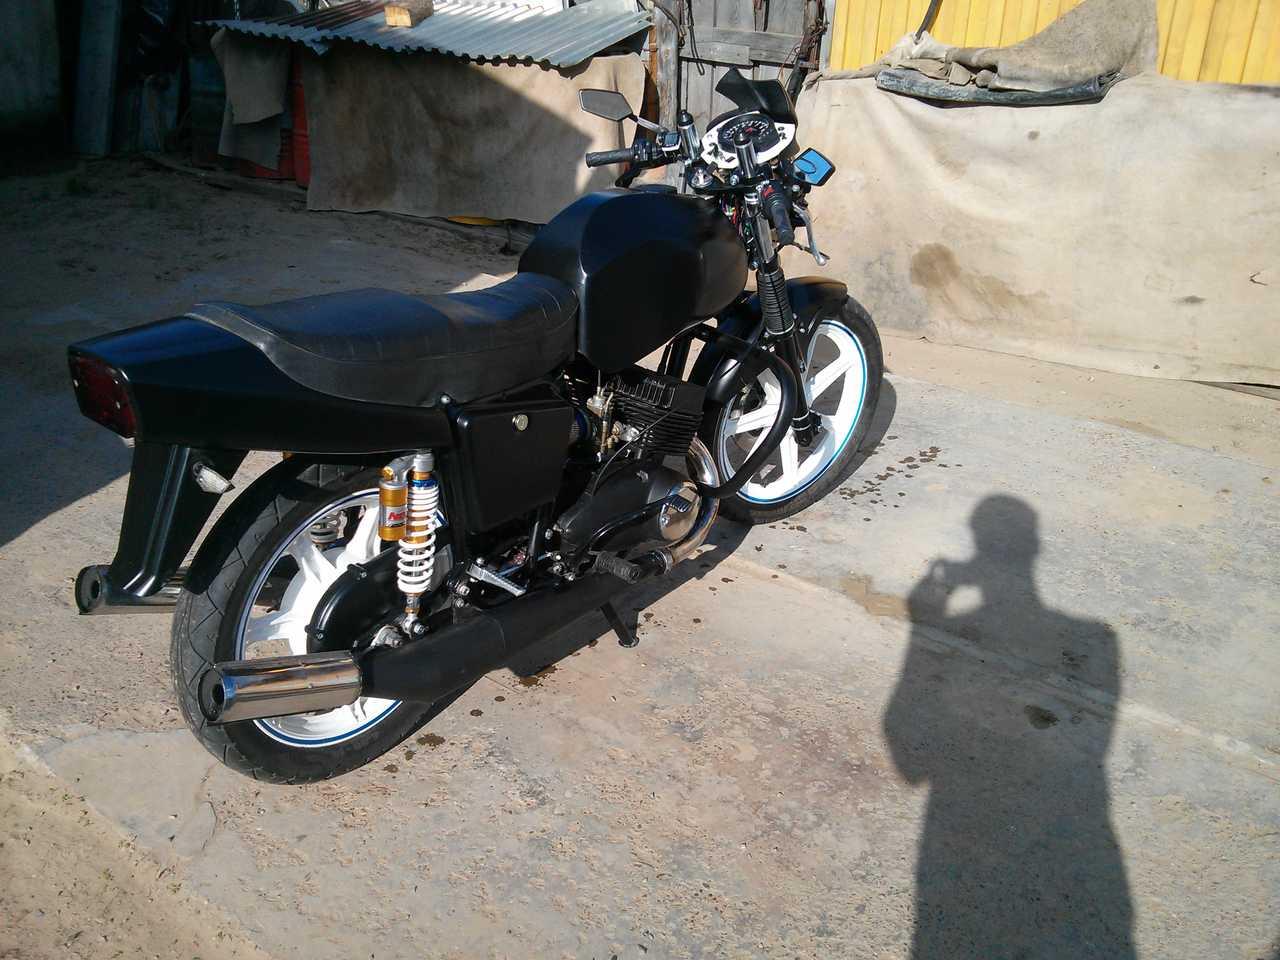 Тюнинг мотоцикл своими руками юпитер 5 фото